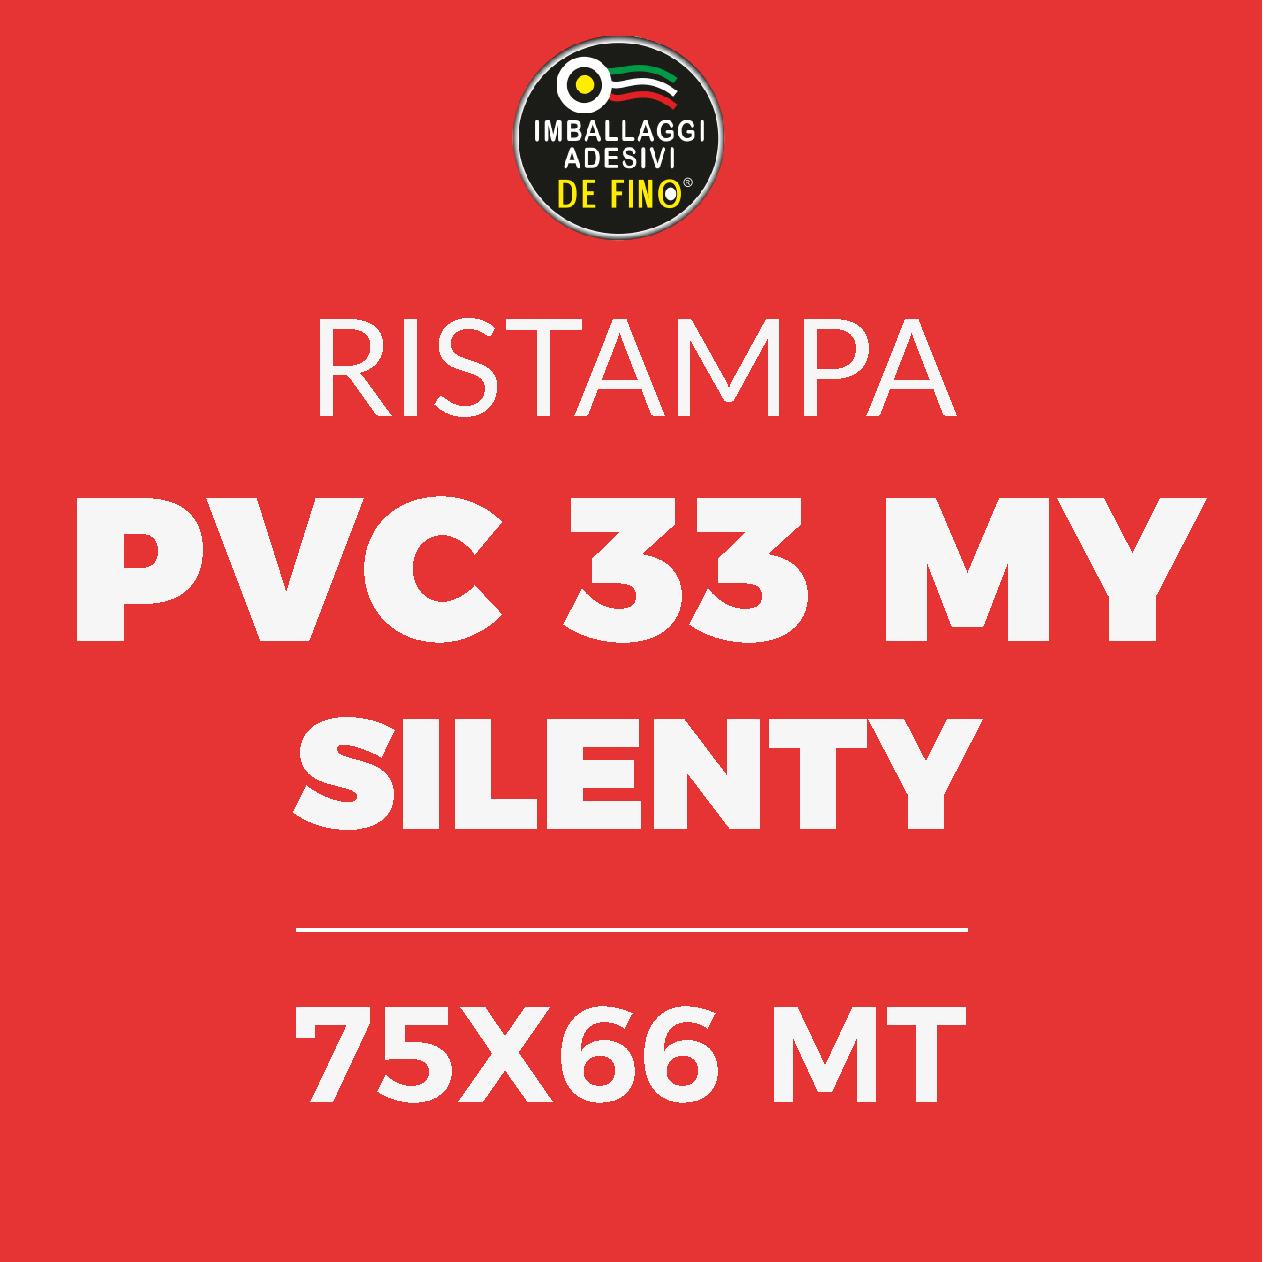 RISTAMPA PVC 50X66 MT - 01-02jpg